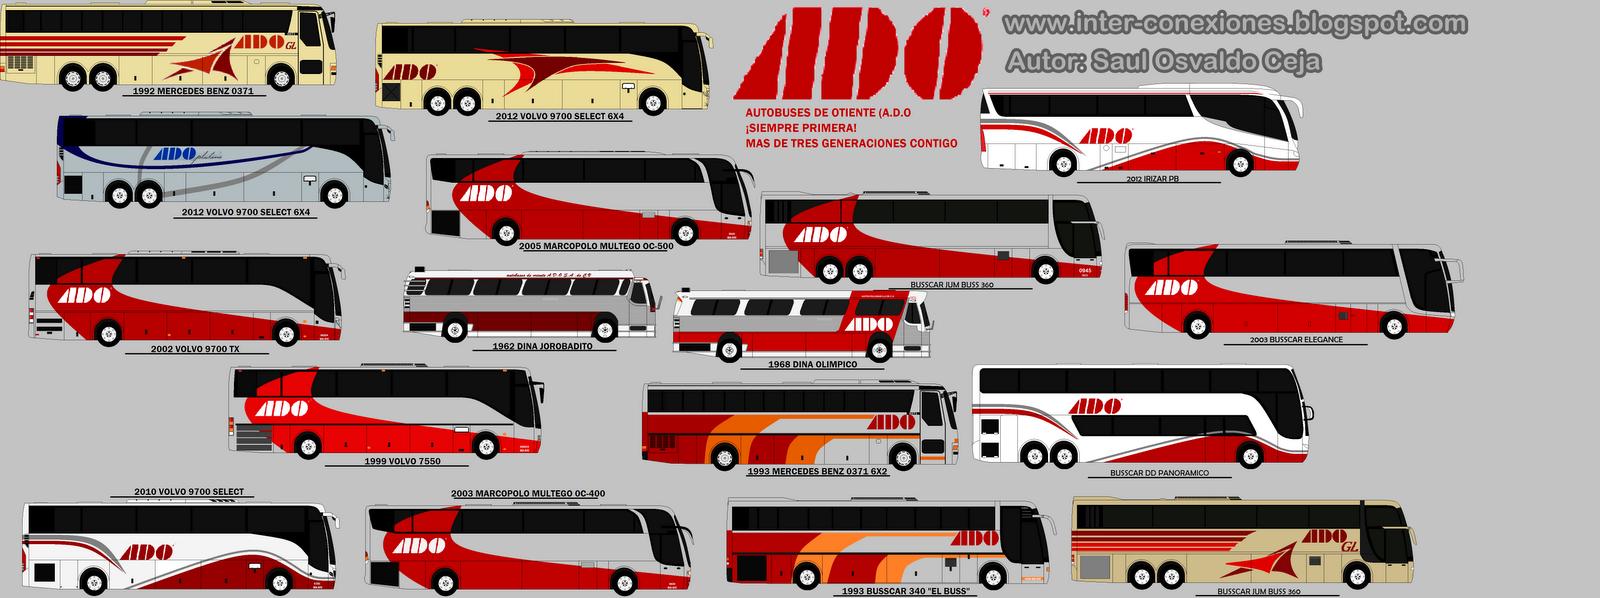 Inter Conexiones Camionera Del Golfo Servicio Ado Gl